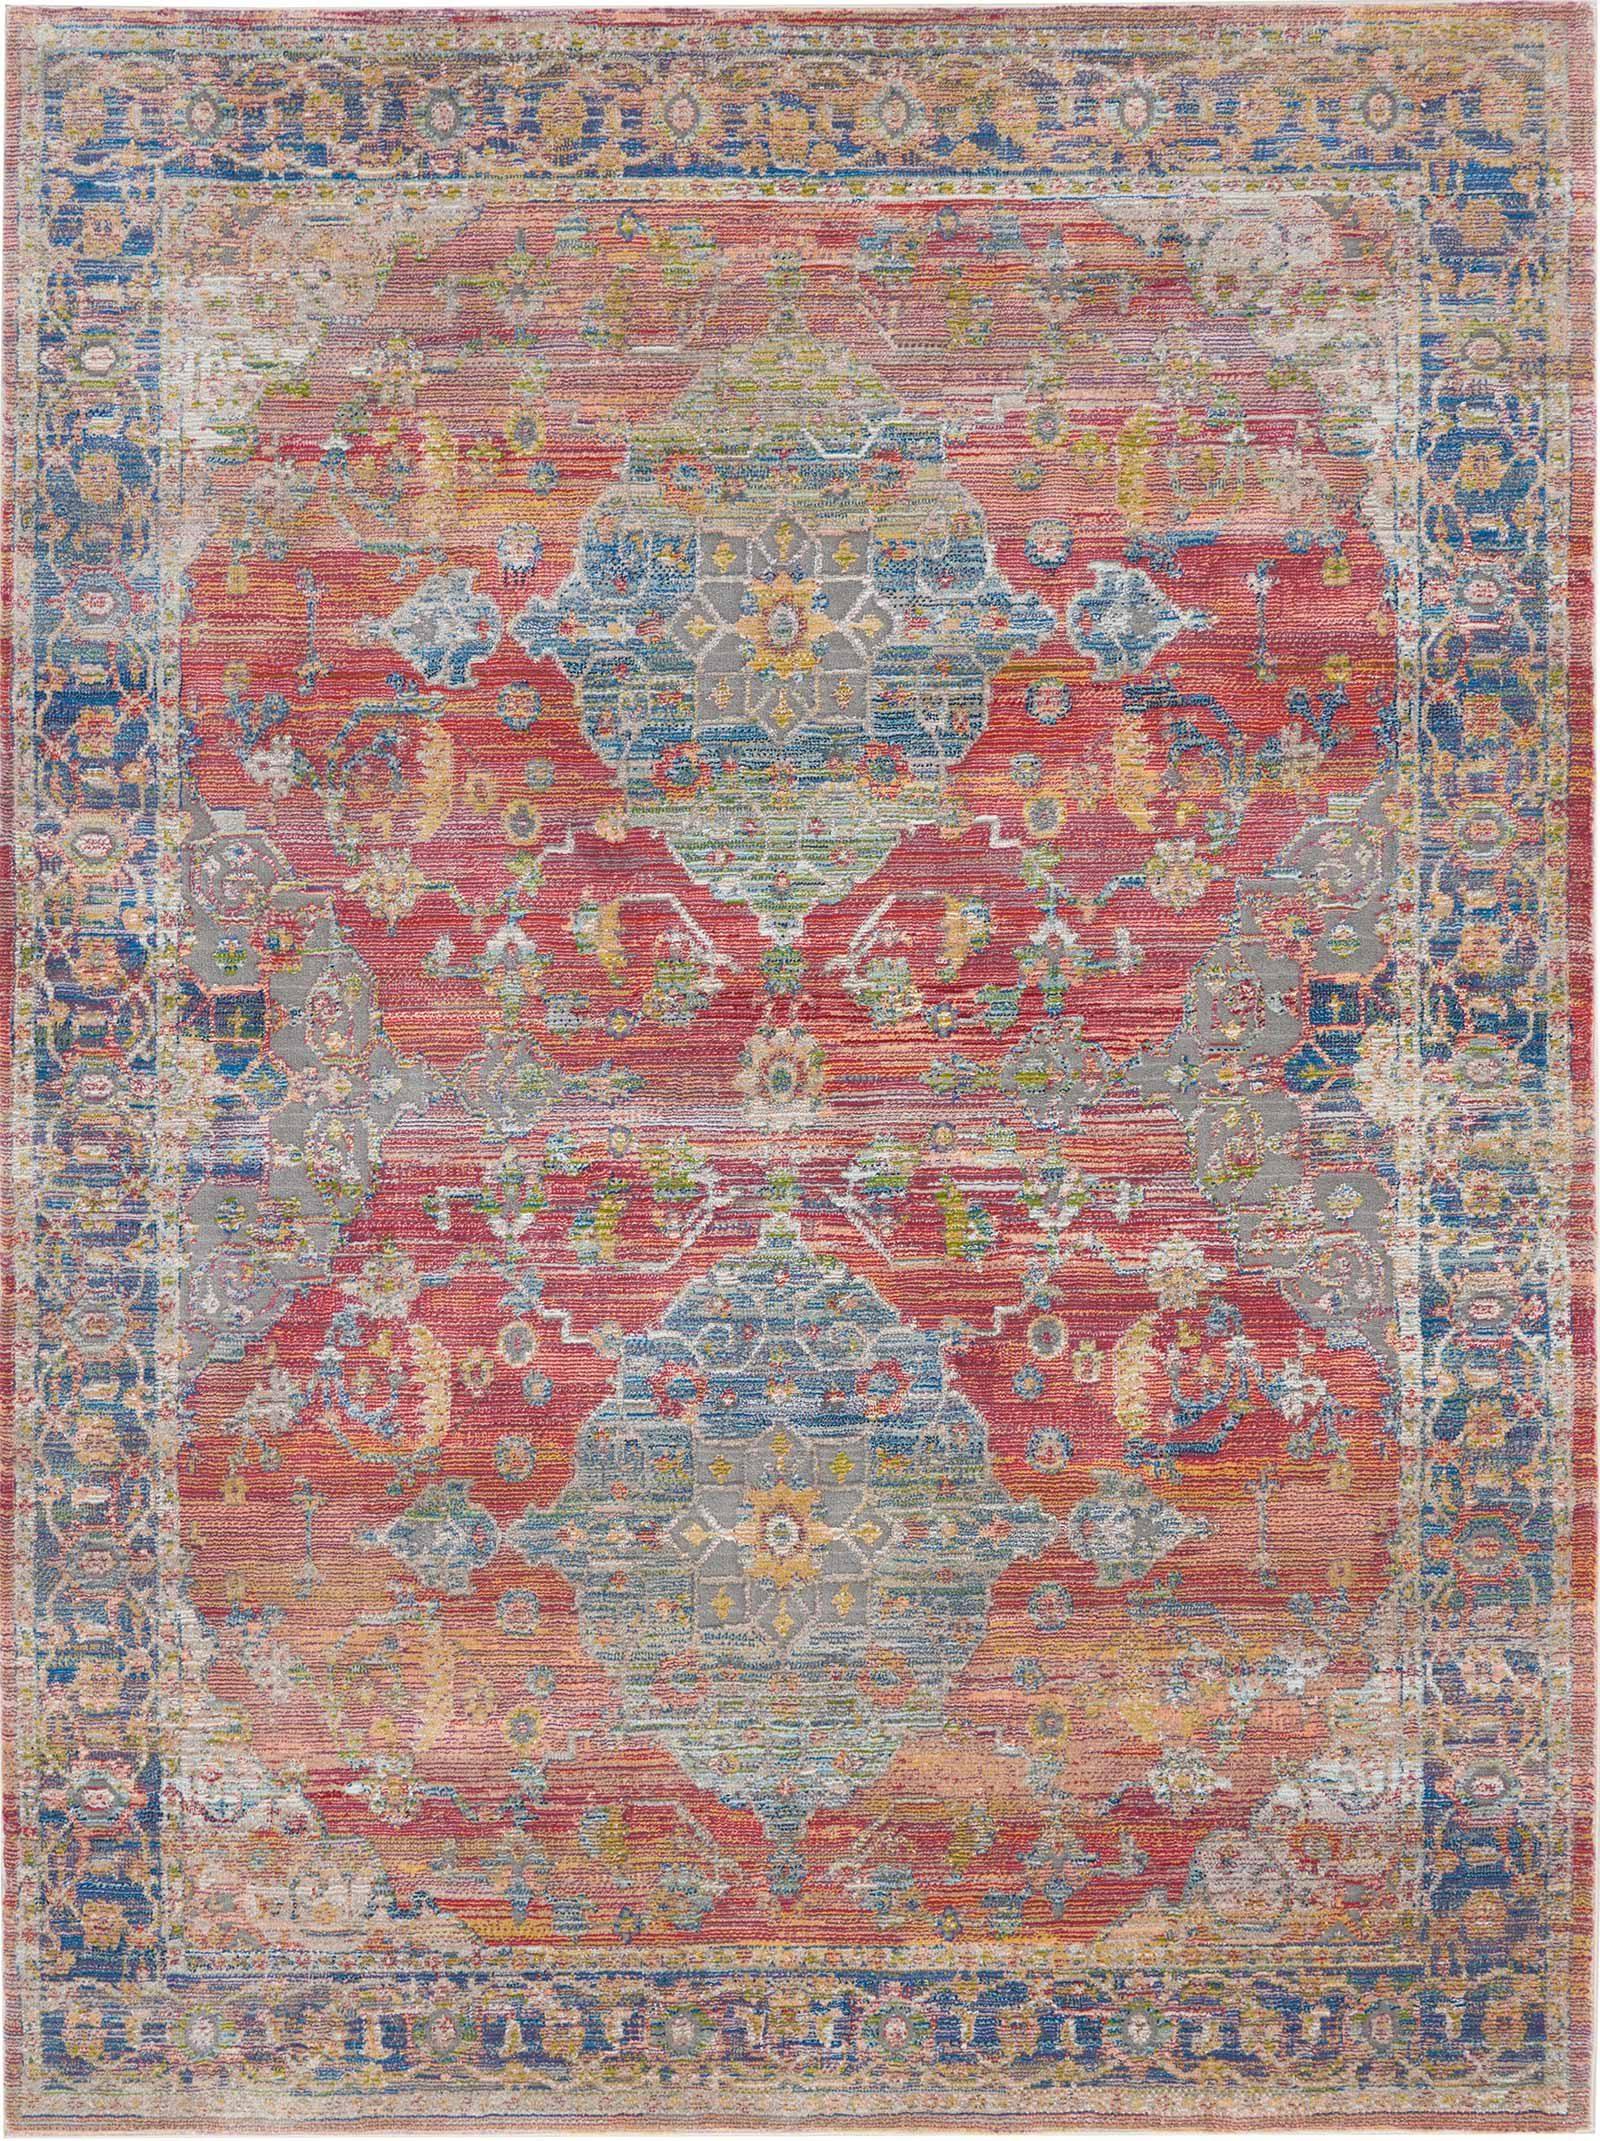 Andessi tapijt Ankara Global ANR01 MULTI 5x8 099446456335 main